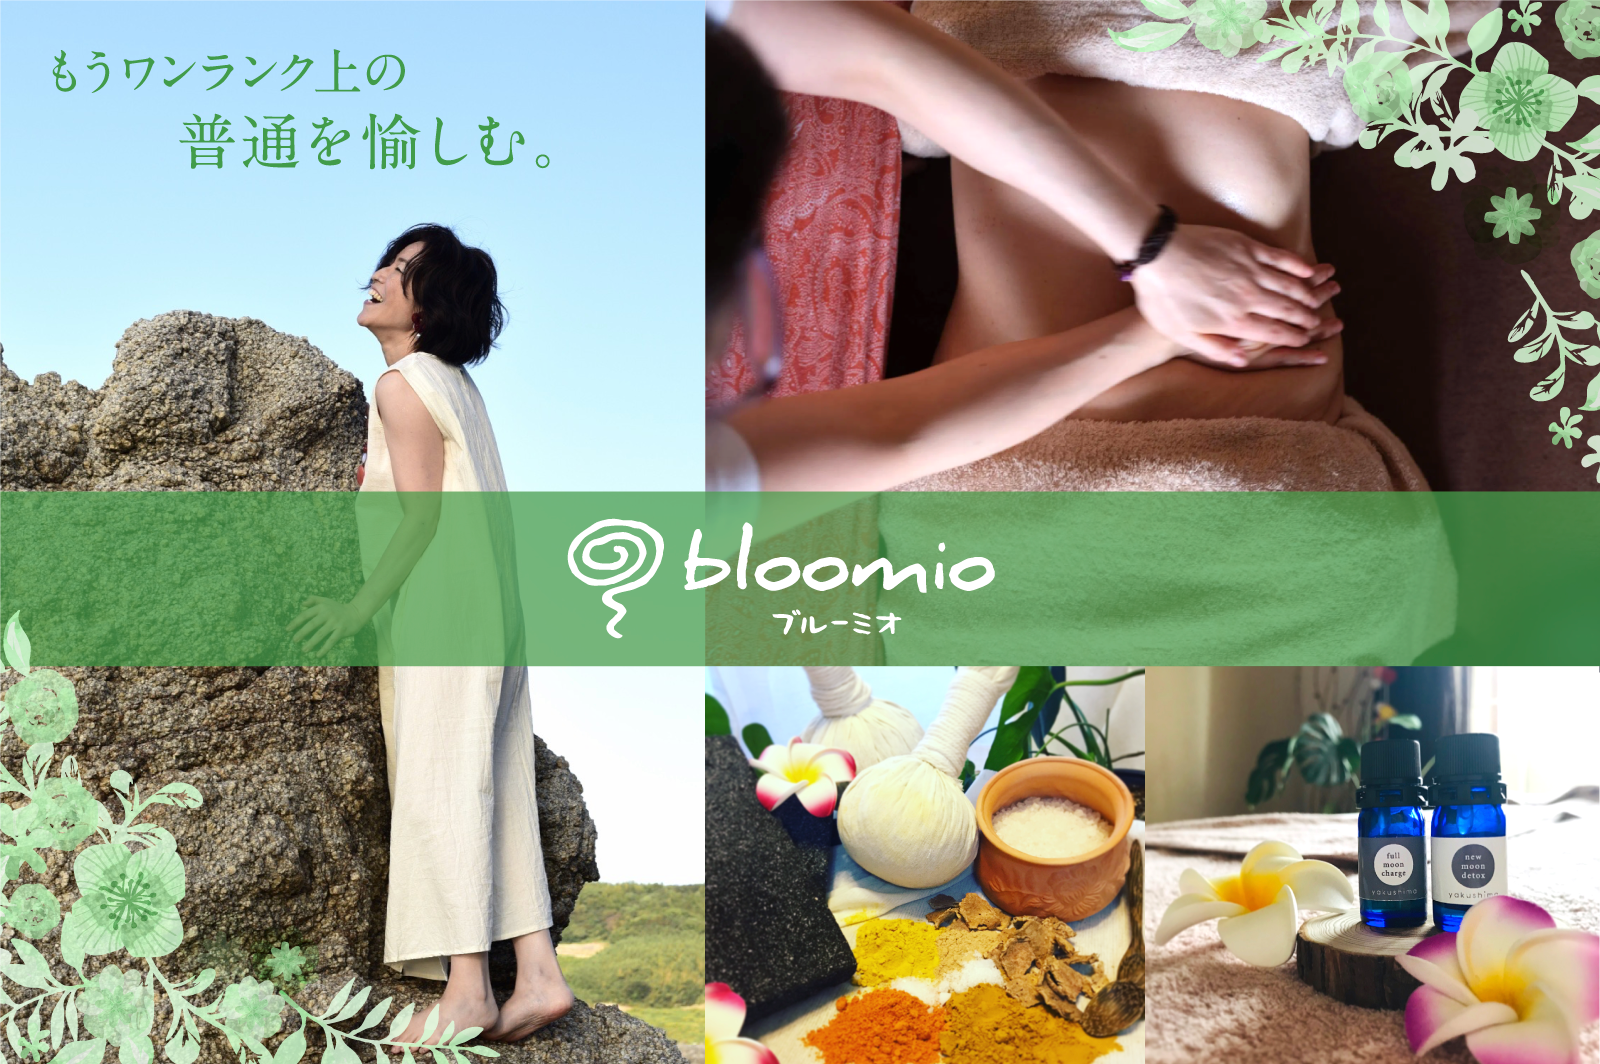 福岡博多のチネイザン処bloomio